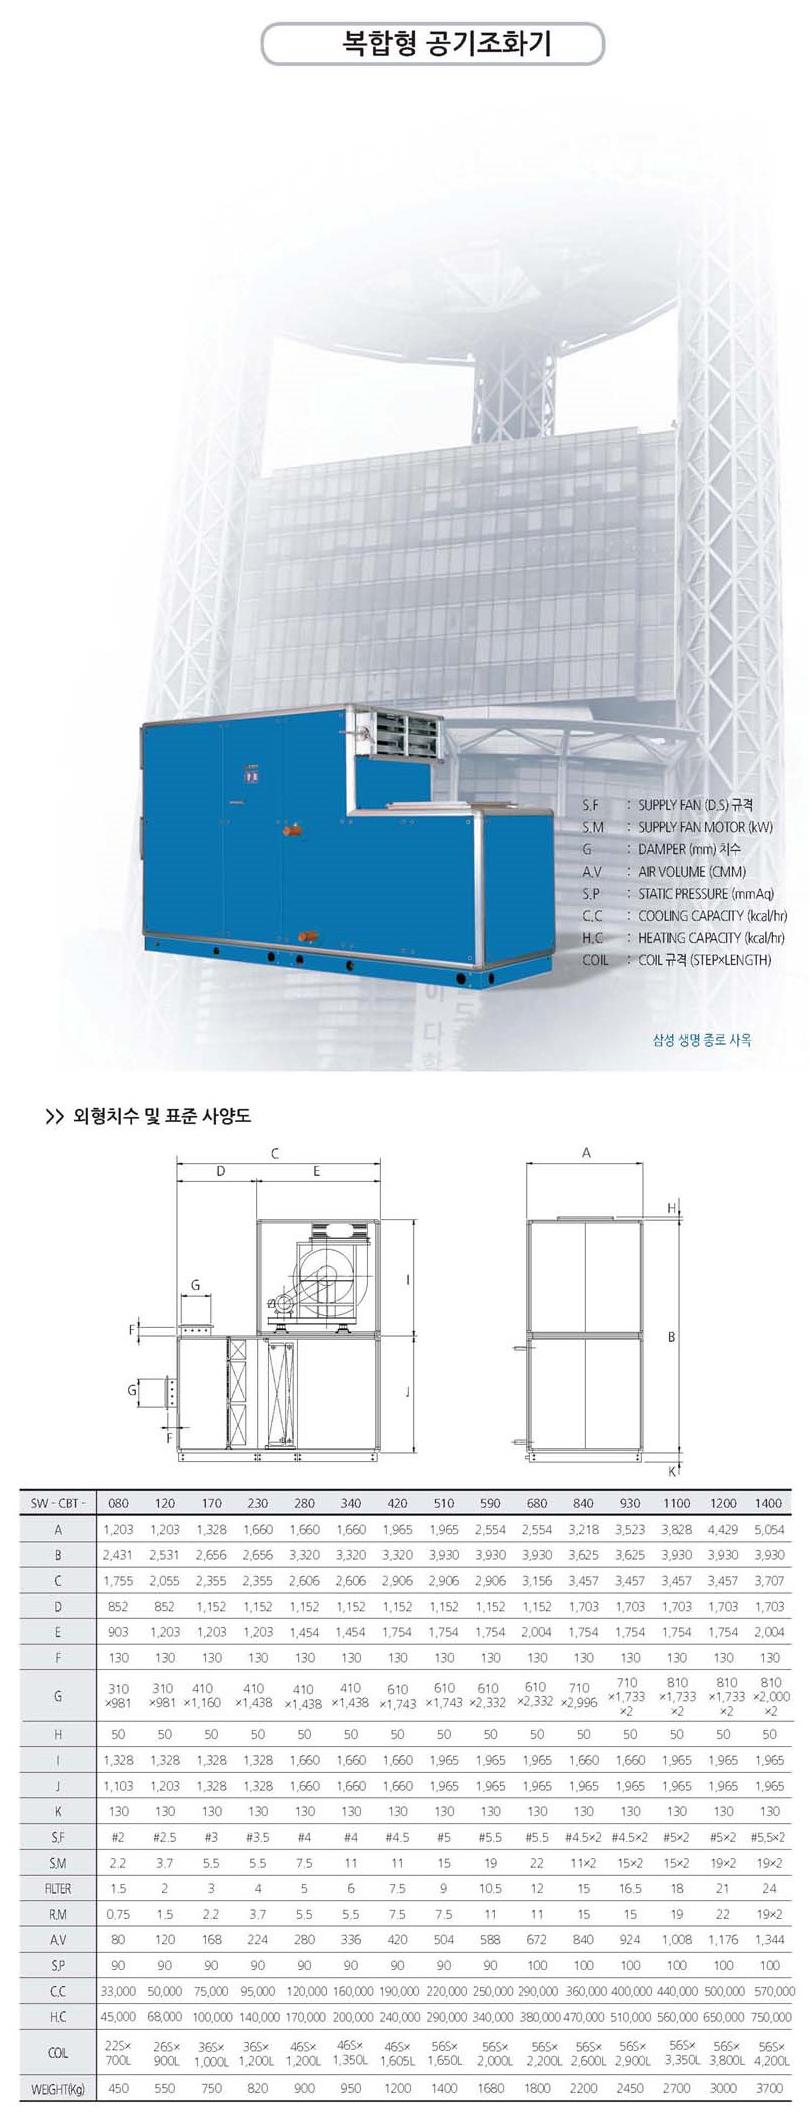 (주)세원기연 복합형 공기조화기